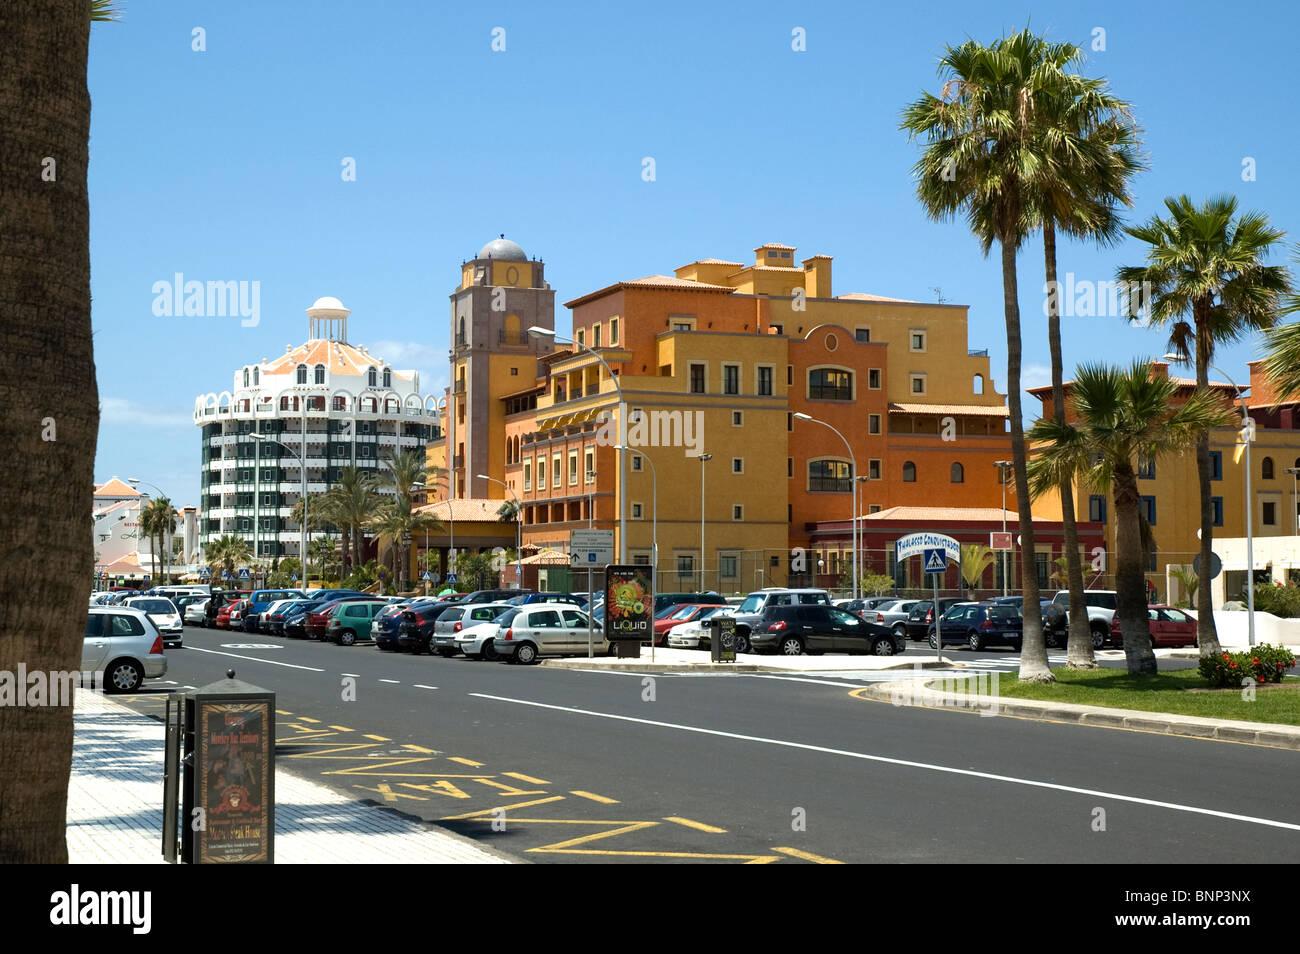 Hotel Villa Cortes Playa De Las Americas Tenerife